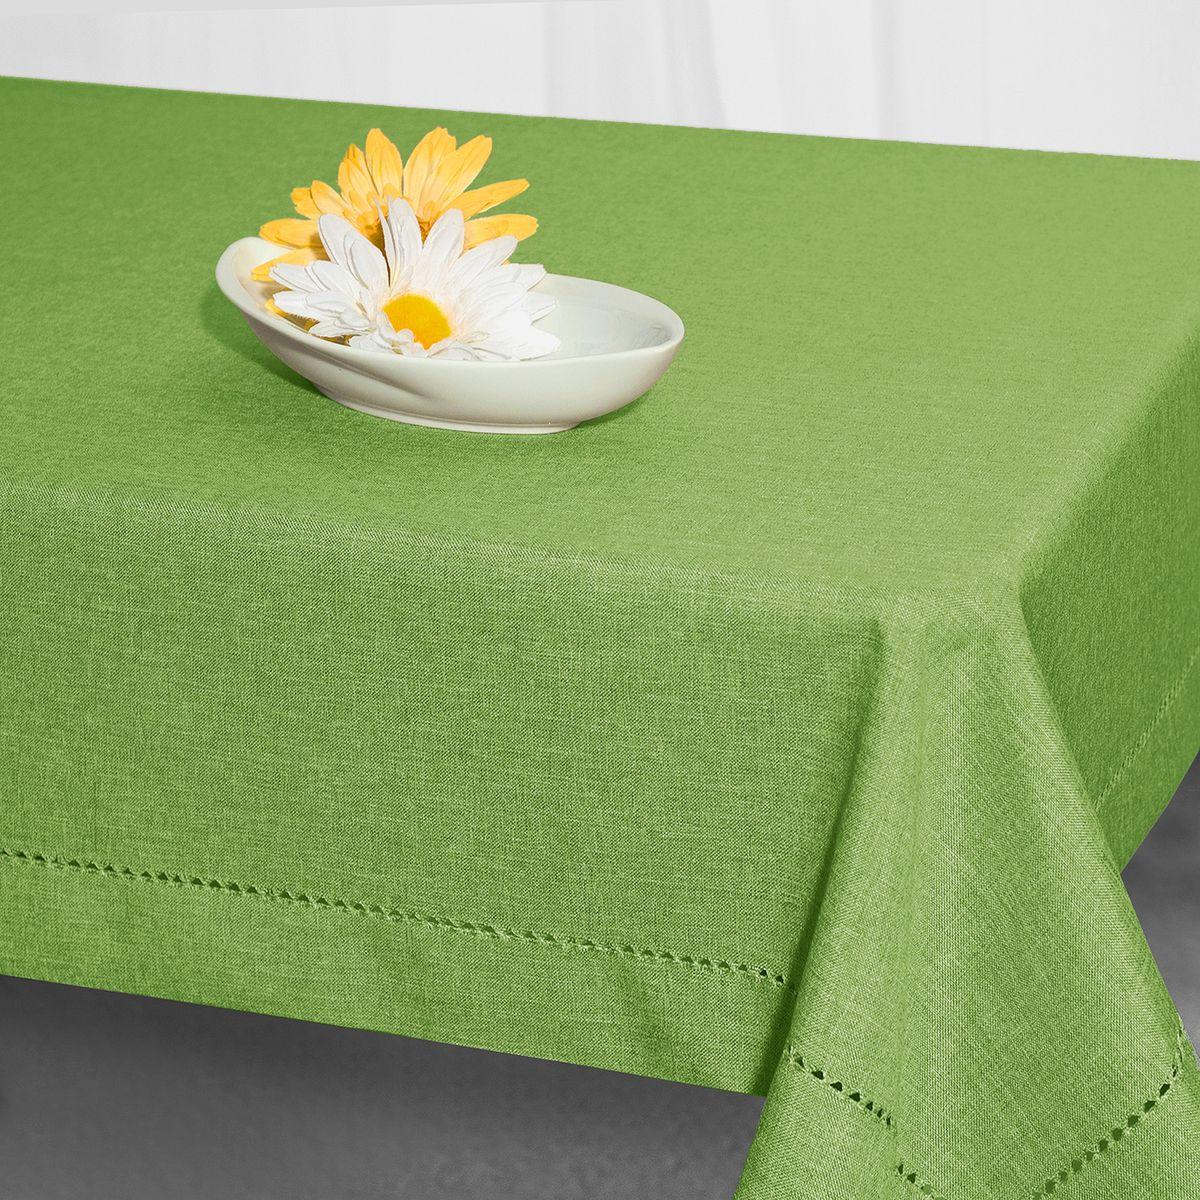 Скатерть Schaefer, прямоугольная, цвет: зеленый, 130 x 170 см. 07602-429SC-FD421004Стильная скатерть Schaefer выполнена из полиэстера.Изделия из полиэстера легко стирать: они не мнутся, не садятся и быстро сохнут, они более долговечны, чем изделия из натуральных волокон.Немецкая компания Schaefer создана в 1921 году. На протяжении всего времени существования она создает уникальные коллекции домашнего текстиля для гостиных, спален, кухонь и ванных комнат. Дизайнерские идеи немецких художников компании Schaefer воплощаются в текстильных изделиях, которые сделают ваш дом красивее и уютнее и не останутся незамеченными вашими гостями. Дарите себе и близким красоту каждый день!